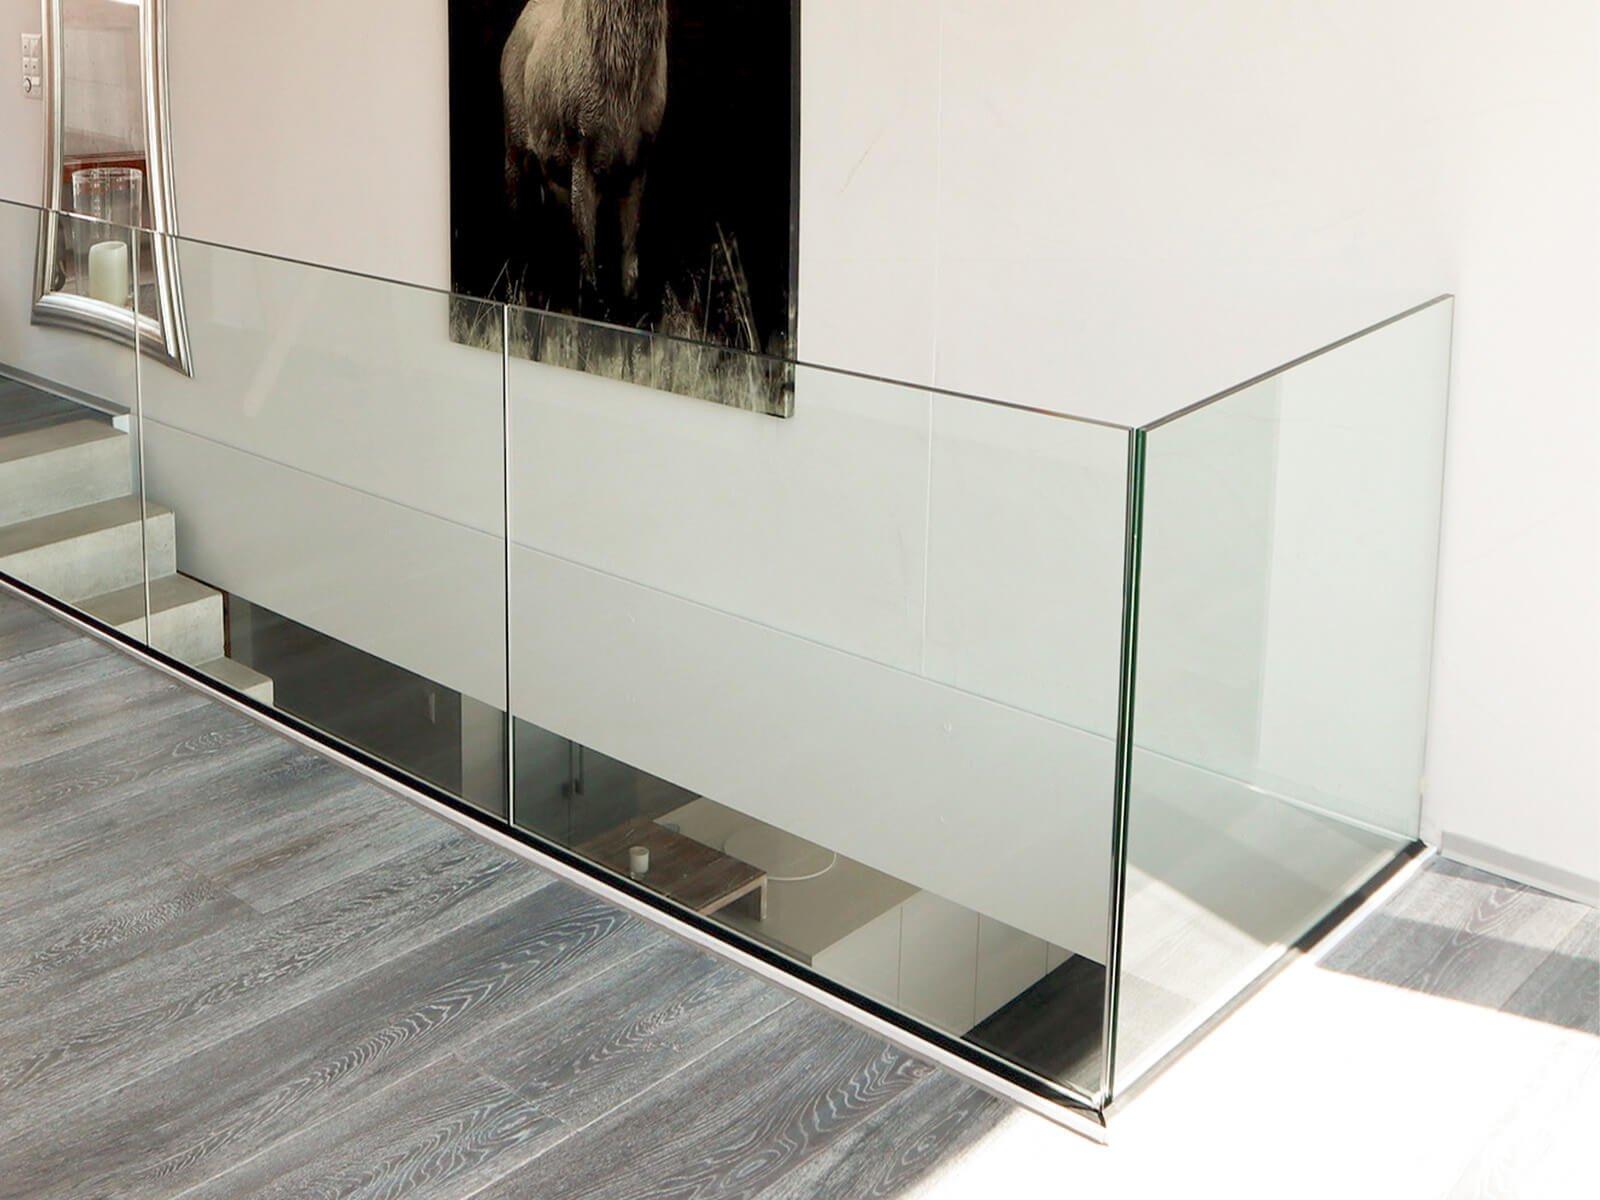 Brüstungsgeländer aus Glas ANTE direkte  Befestigung durch Profilkörper bündig zur Absturzkante